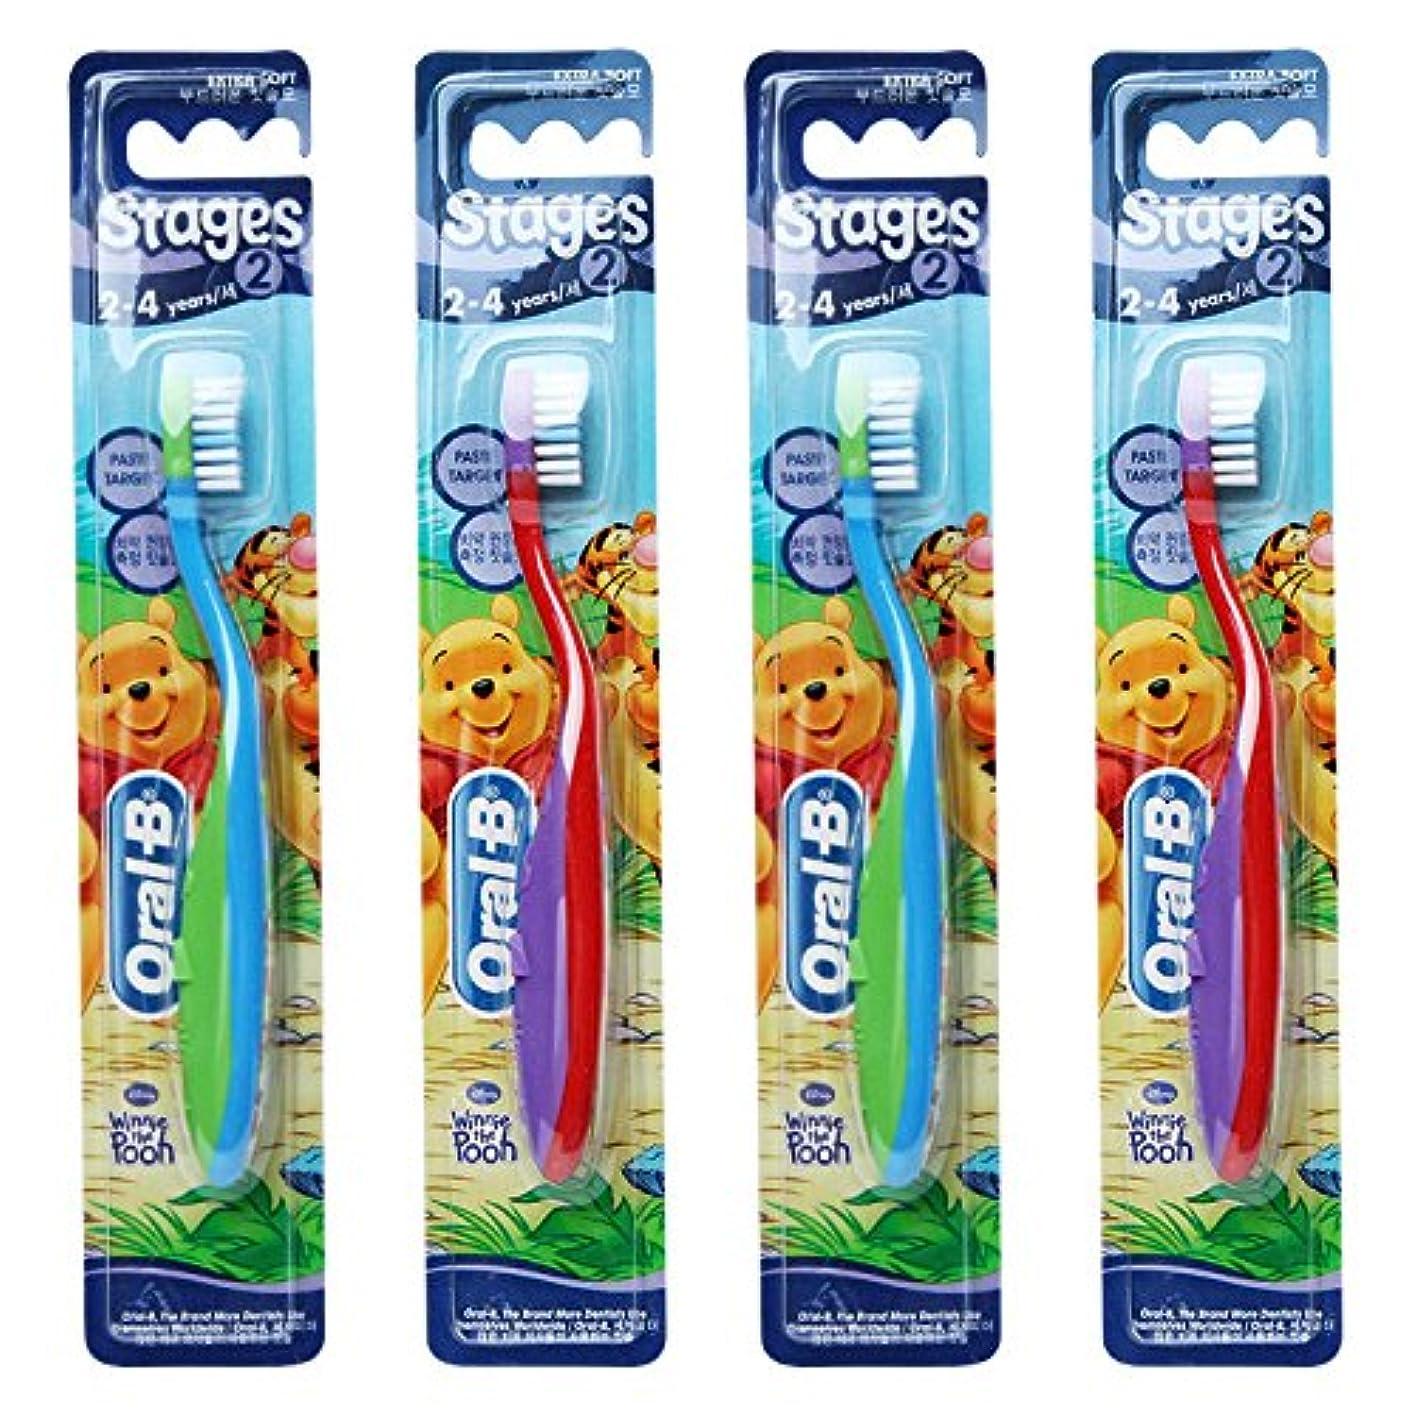 トリプルワークショップ優雅なOral-B Stages 2 Toothbrush 2 - 4 years 4 Pack /GENUINEと元の梱包 [並行輸入品]